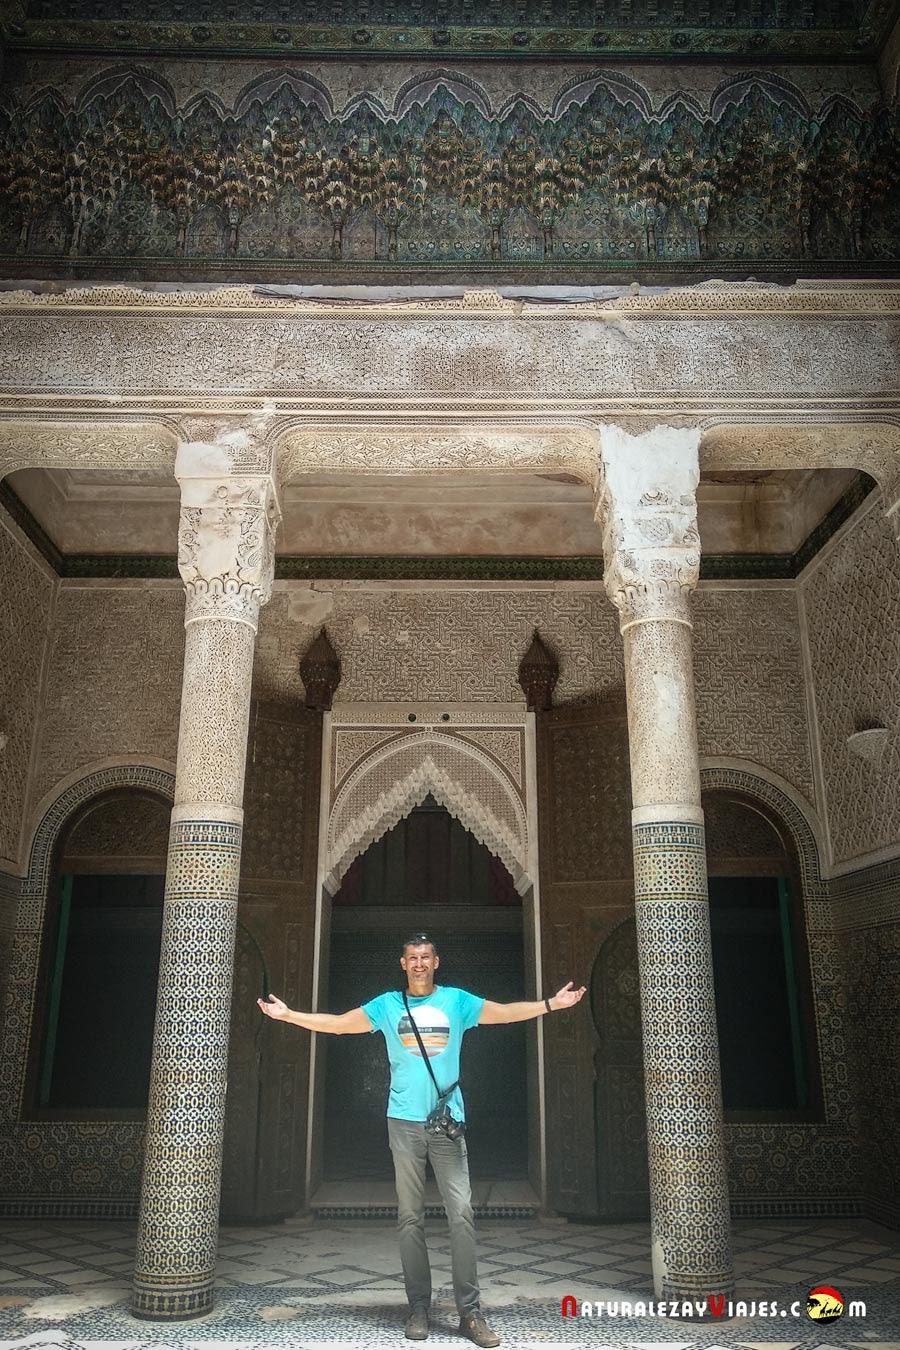 Antonio Ruiz en la Kasbah Telouet, Marruecos